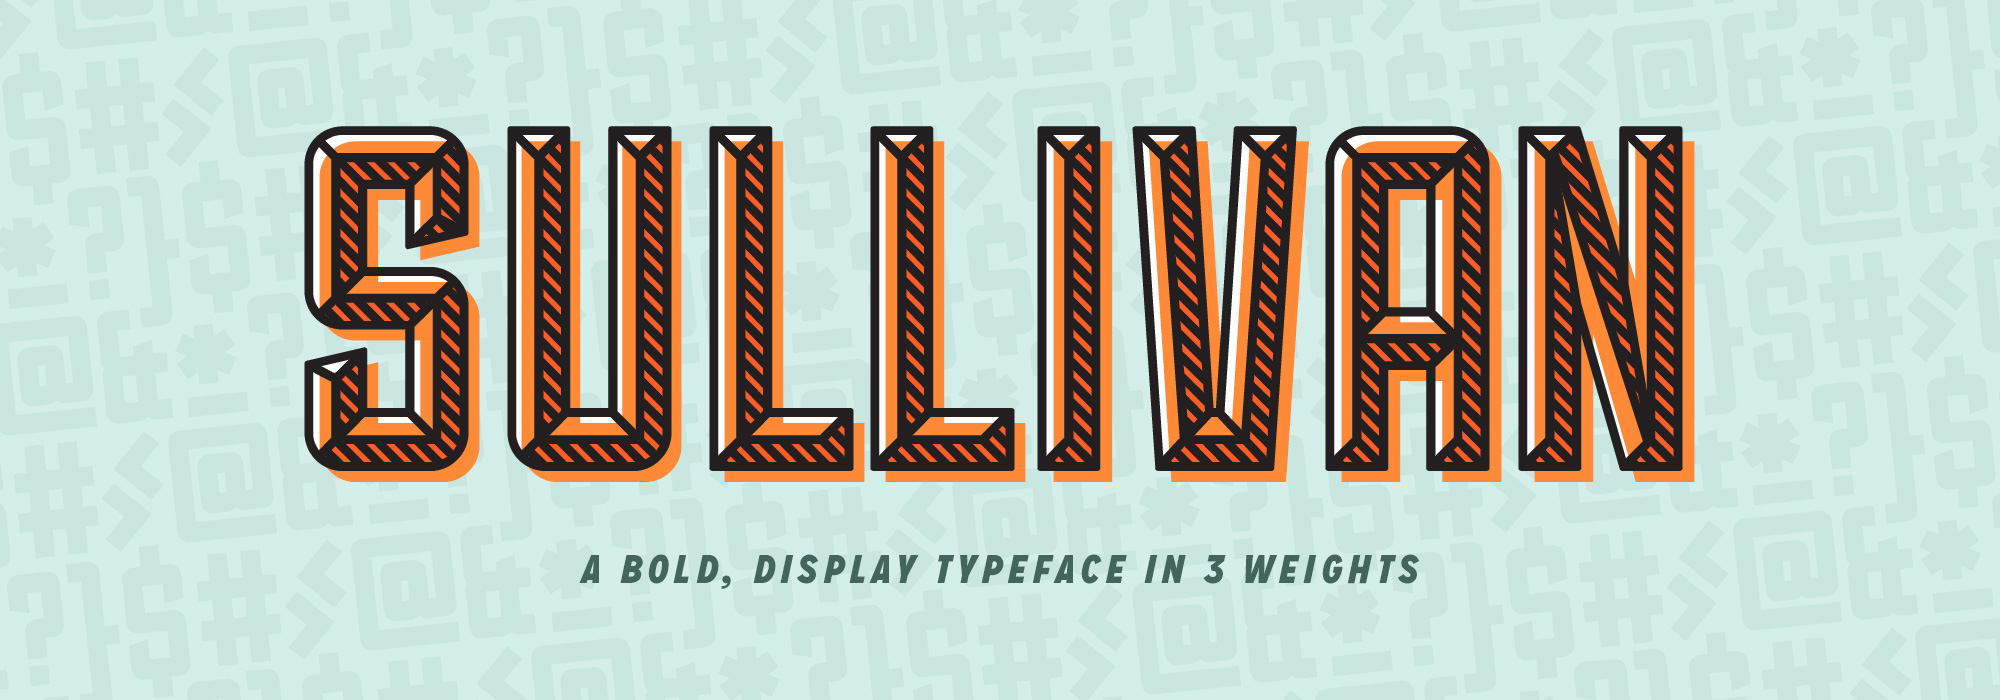 Sullivan-Feature-02.jpg